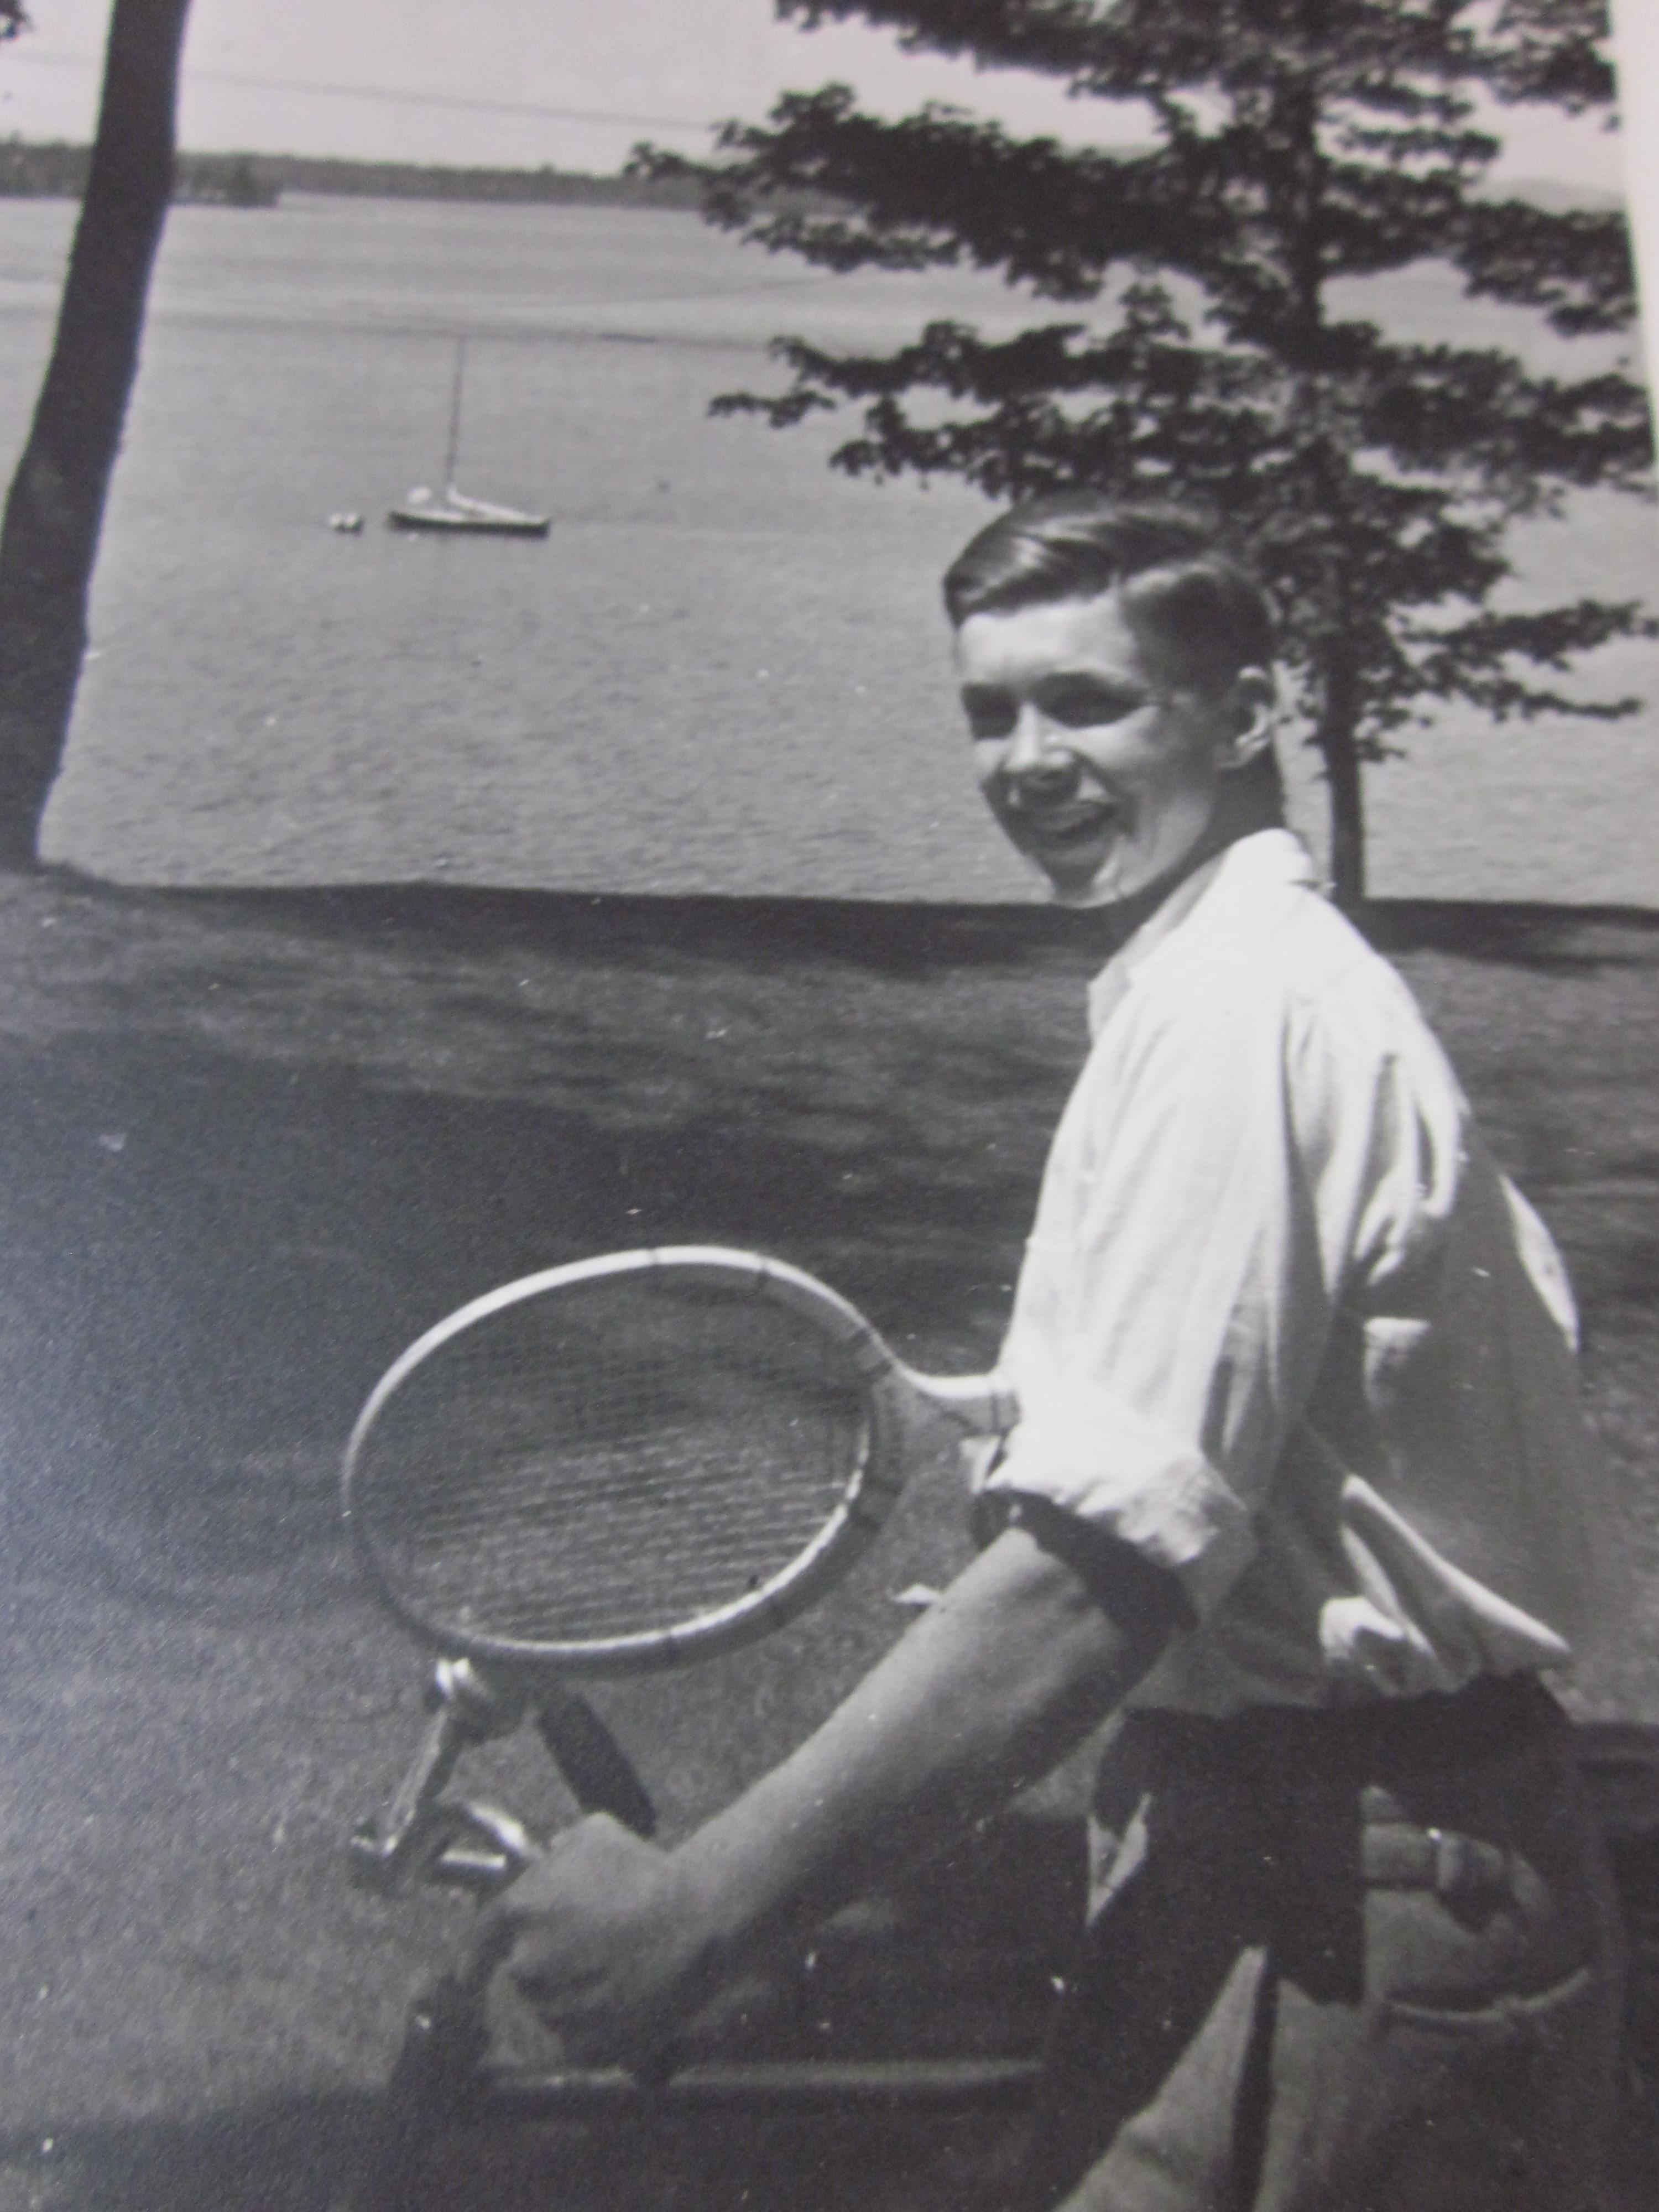 Herbert Symonds Thornhill